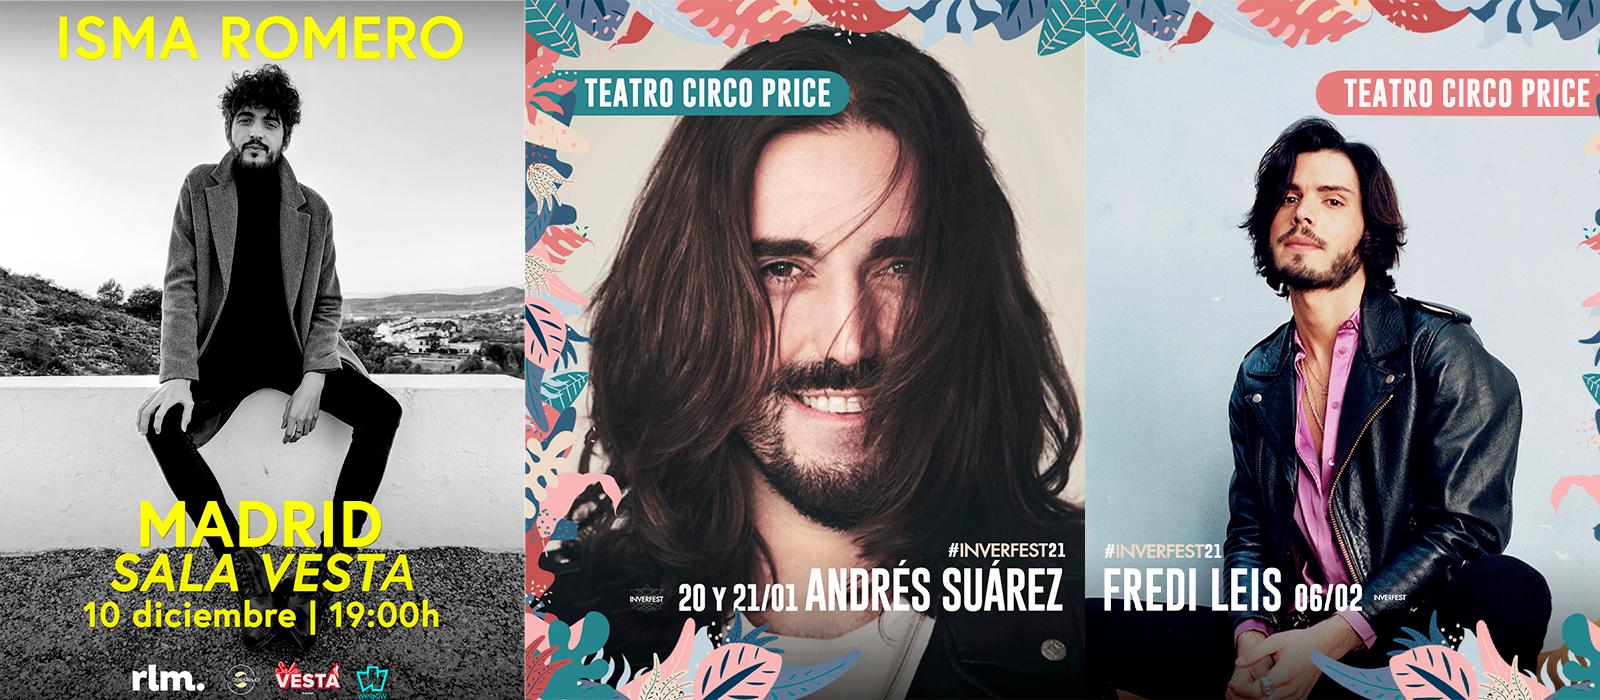 ¿Tienes ganas de concierto? Andrés Suarez, Fredi Leis e Isma Romero regresan a Madrid